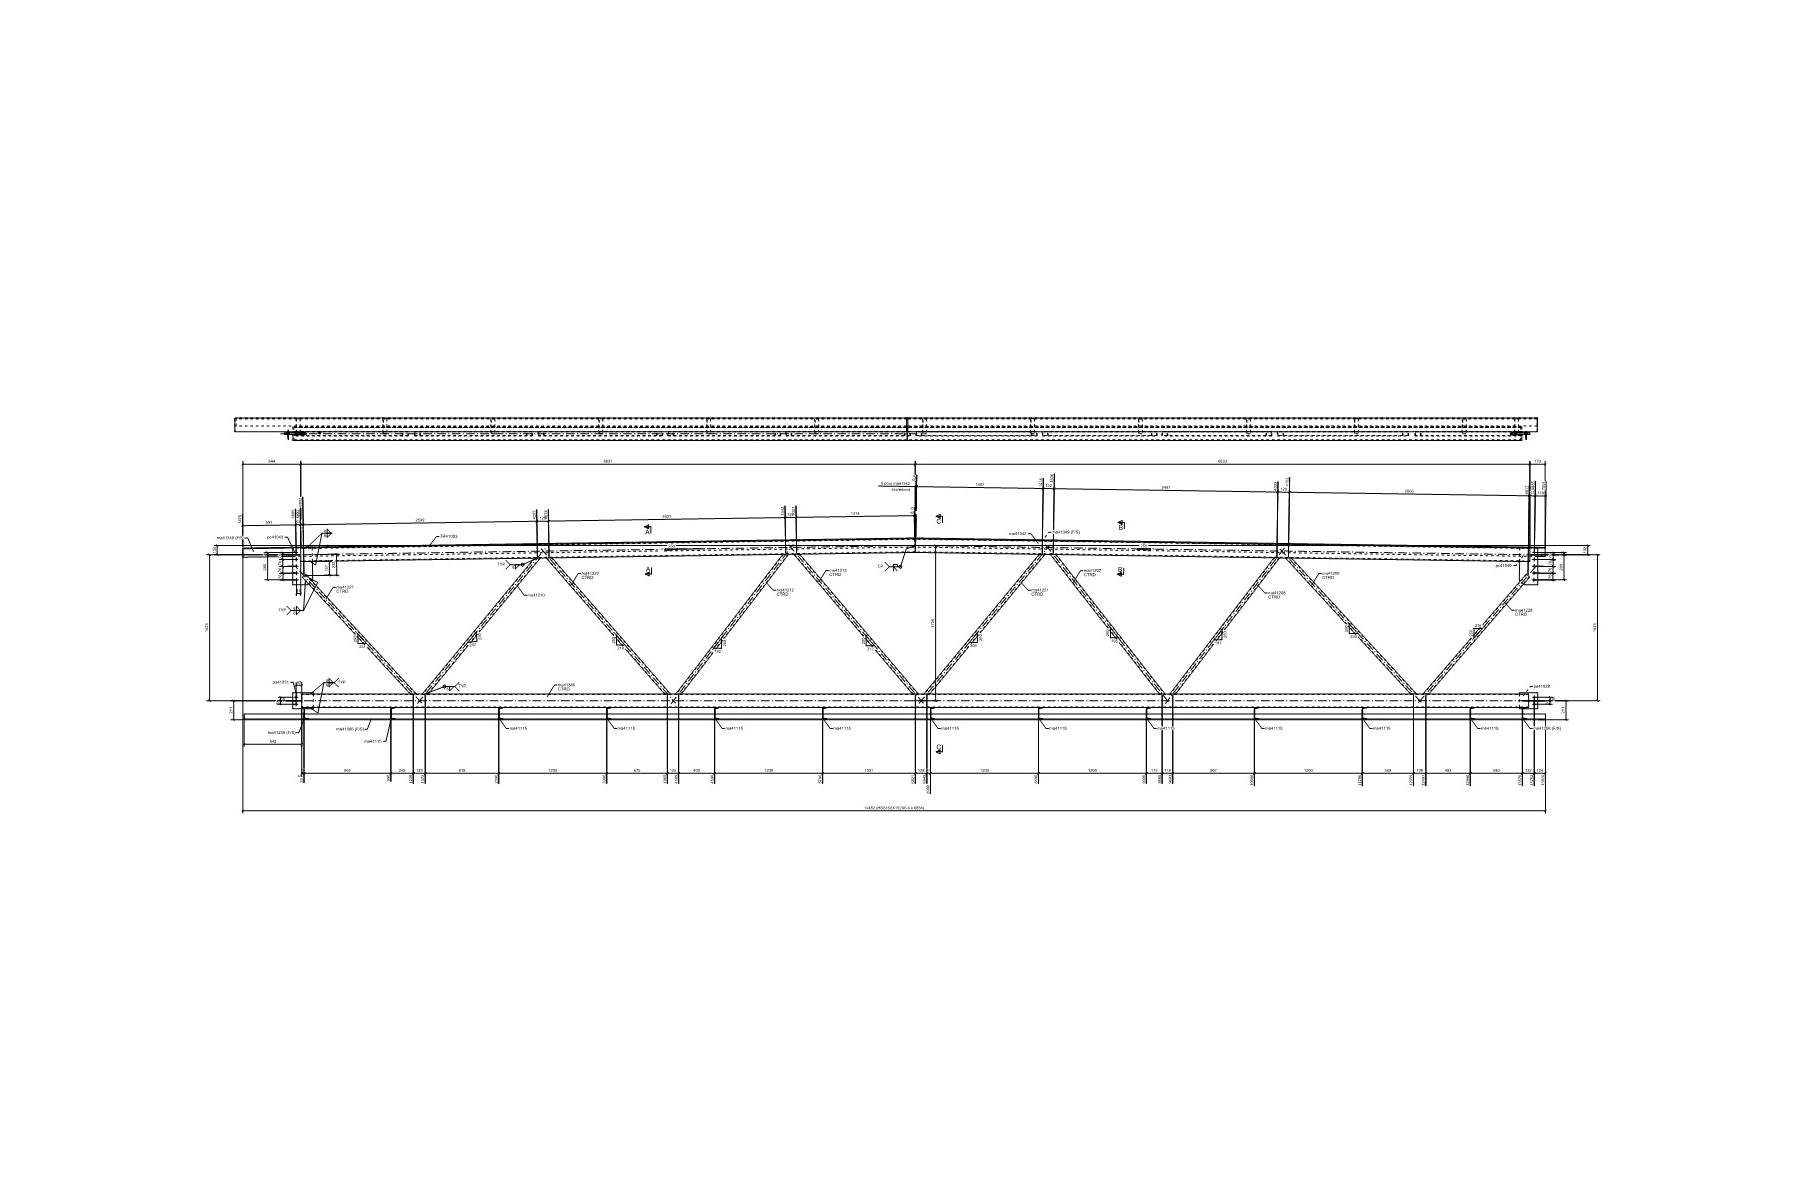 Dessin réalisé à partir du logiciel Tekla Structures